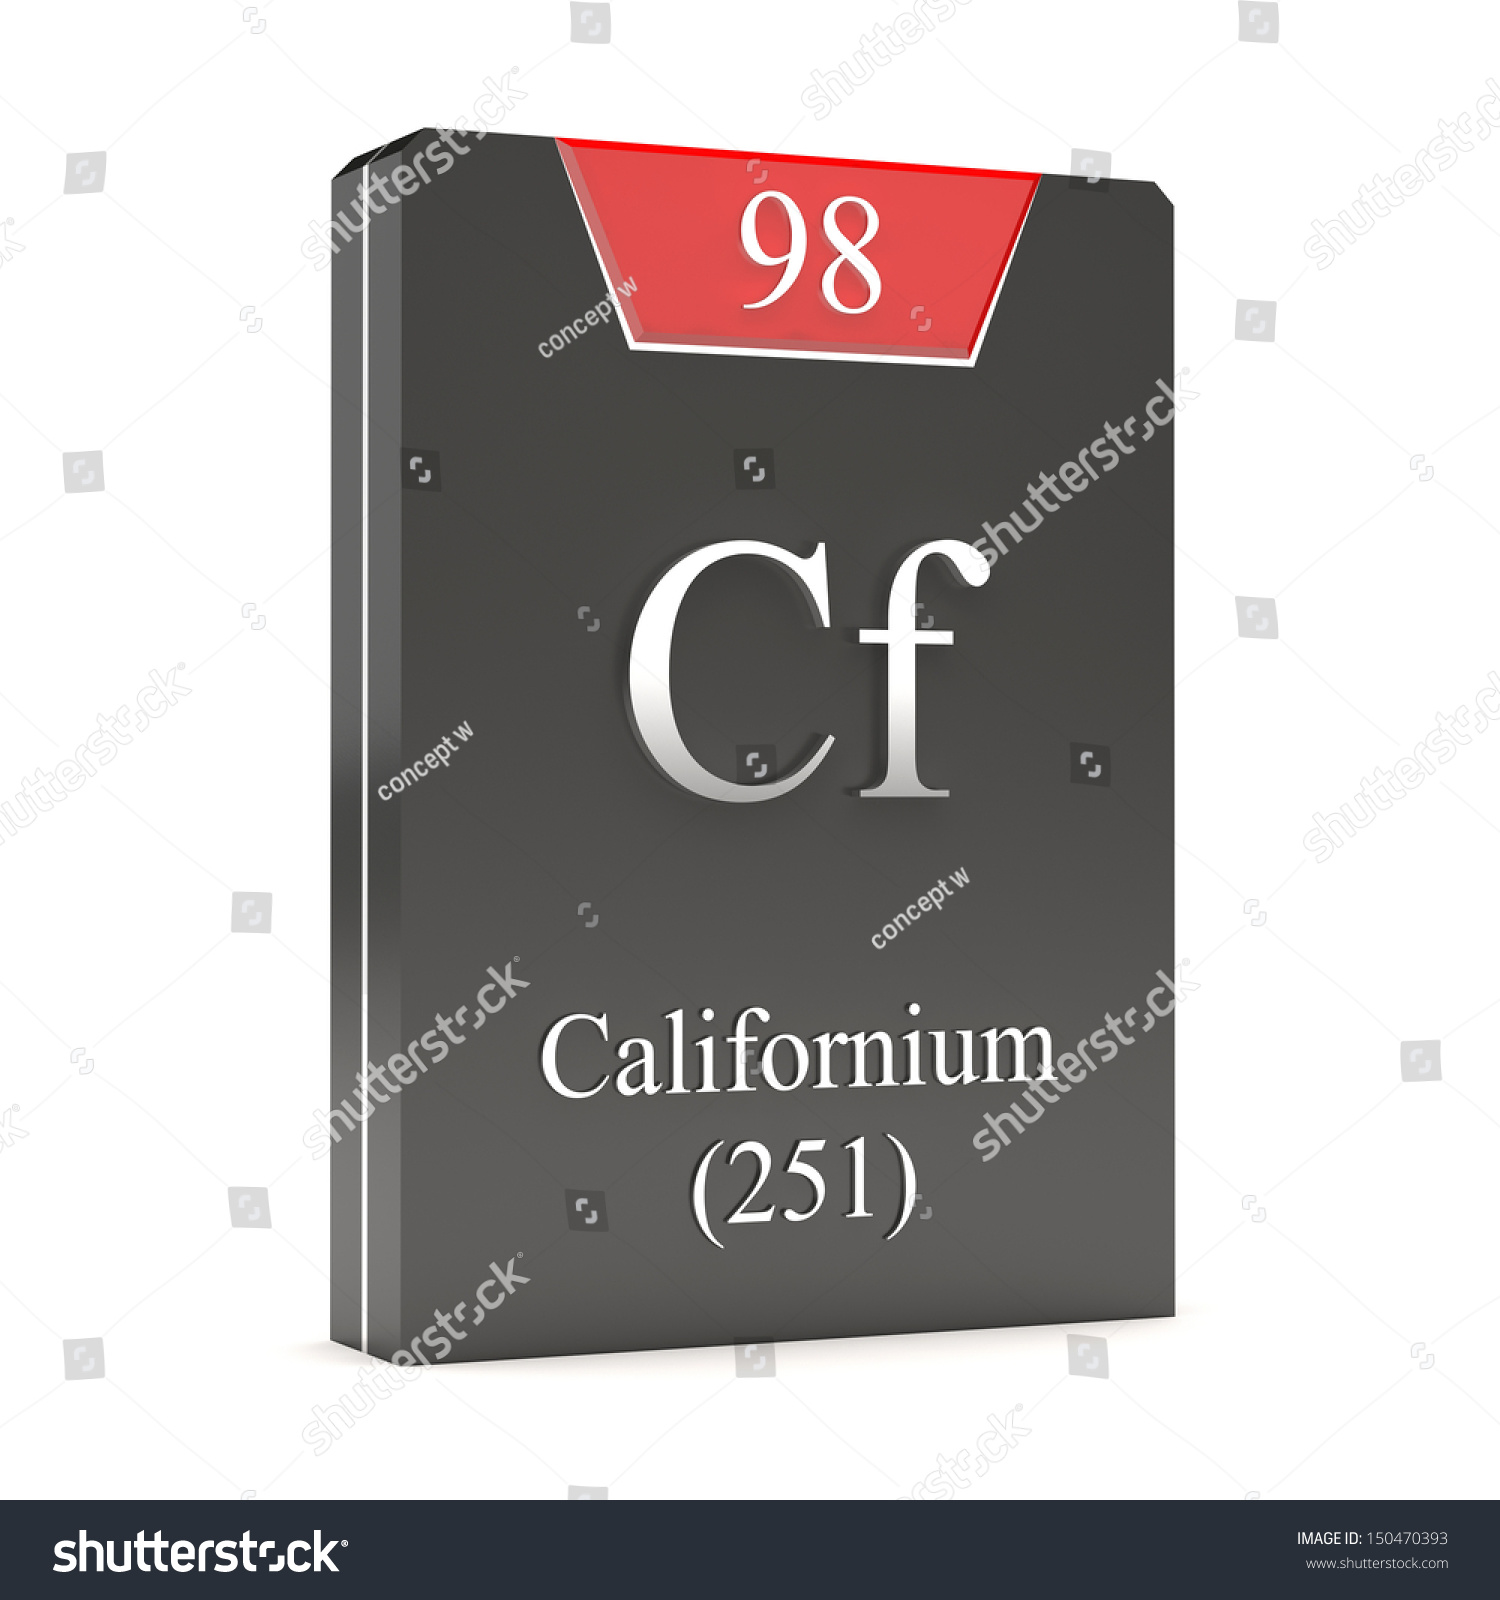 Californium cf 98 periodic table stock illustration 150470393 californium cf 98 from periodic table gamestrikefo Images